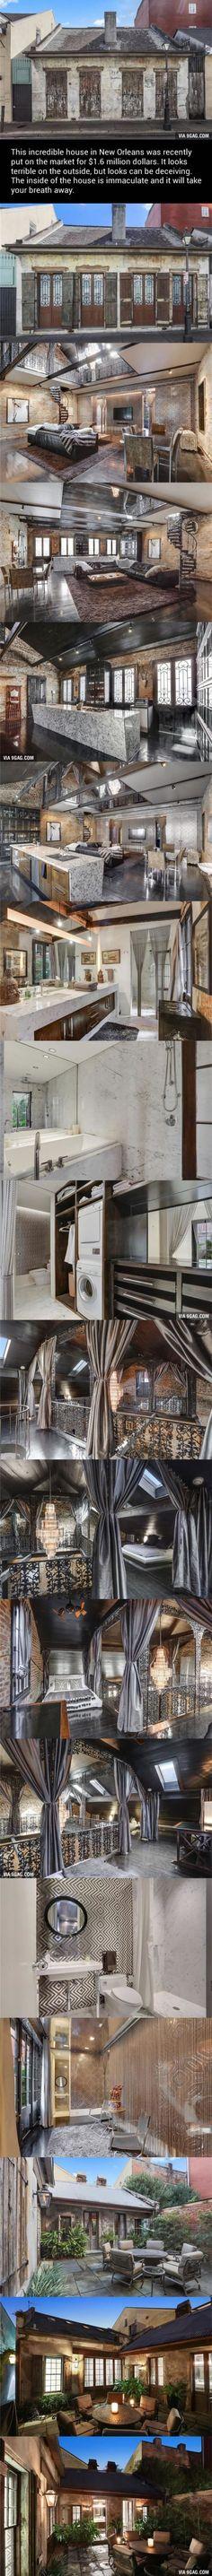 미국 뉴올리언즈의 허름한 집한채.jpg | 인스티즈